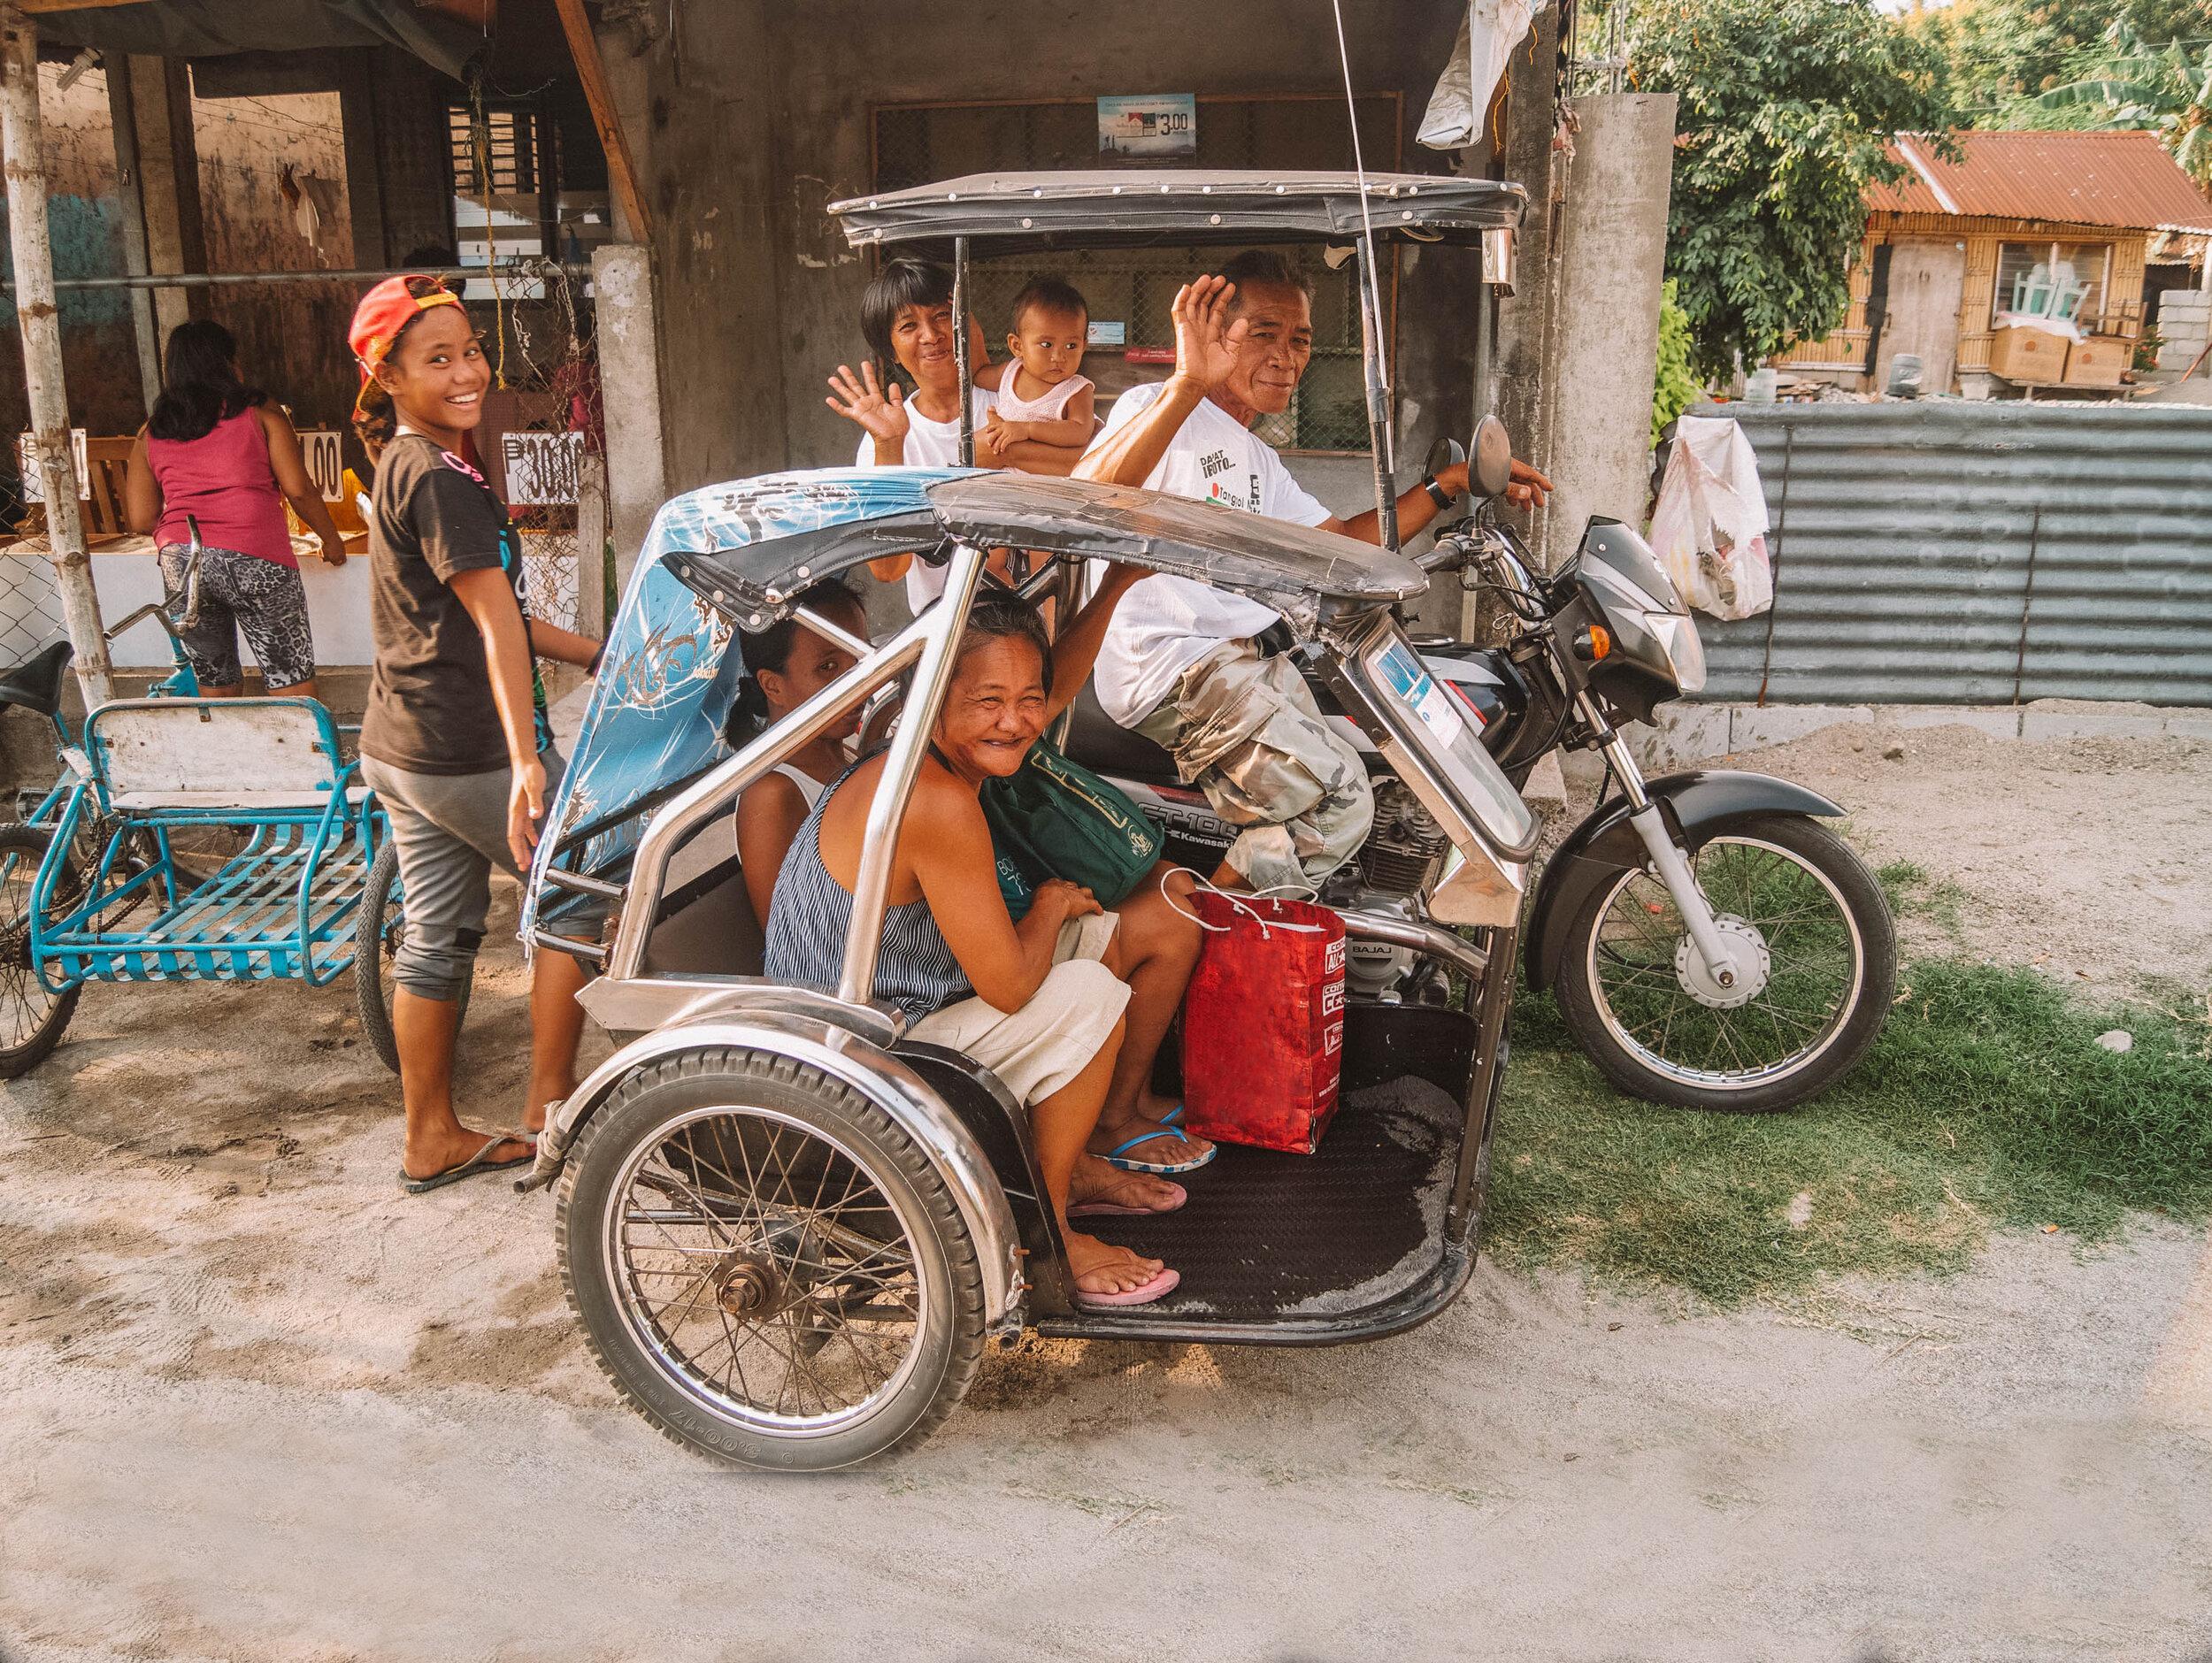 在Zambales,菲律宾当地人骑着三轮车对着镜头微笑